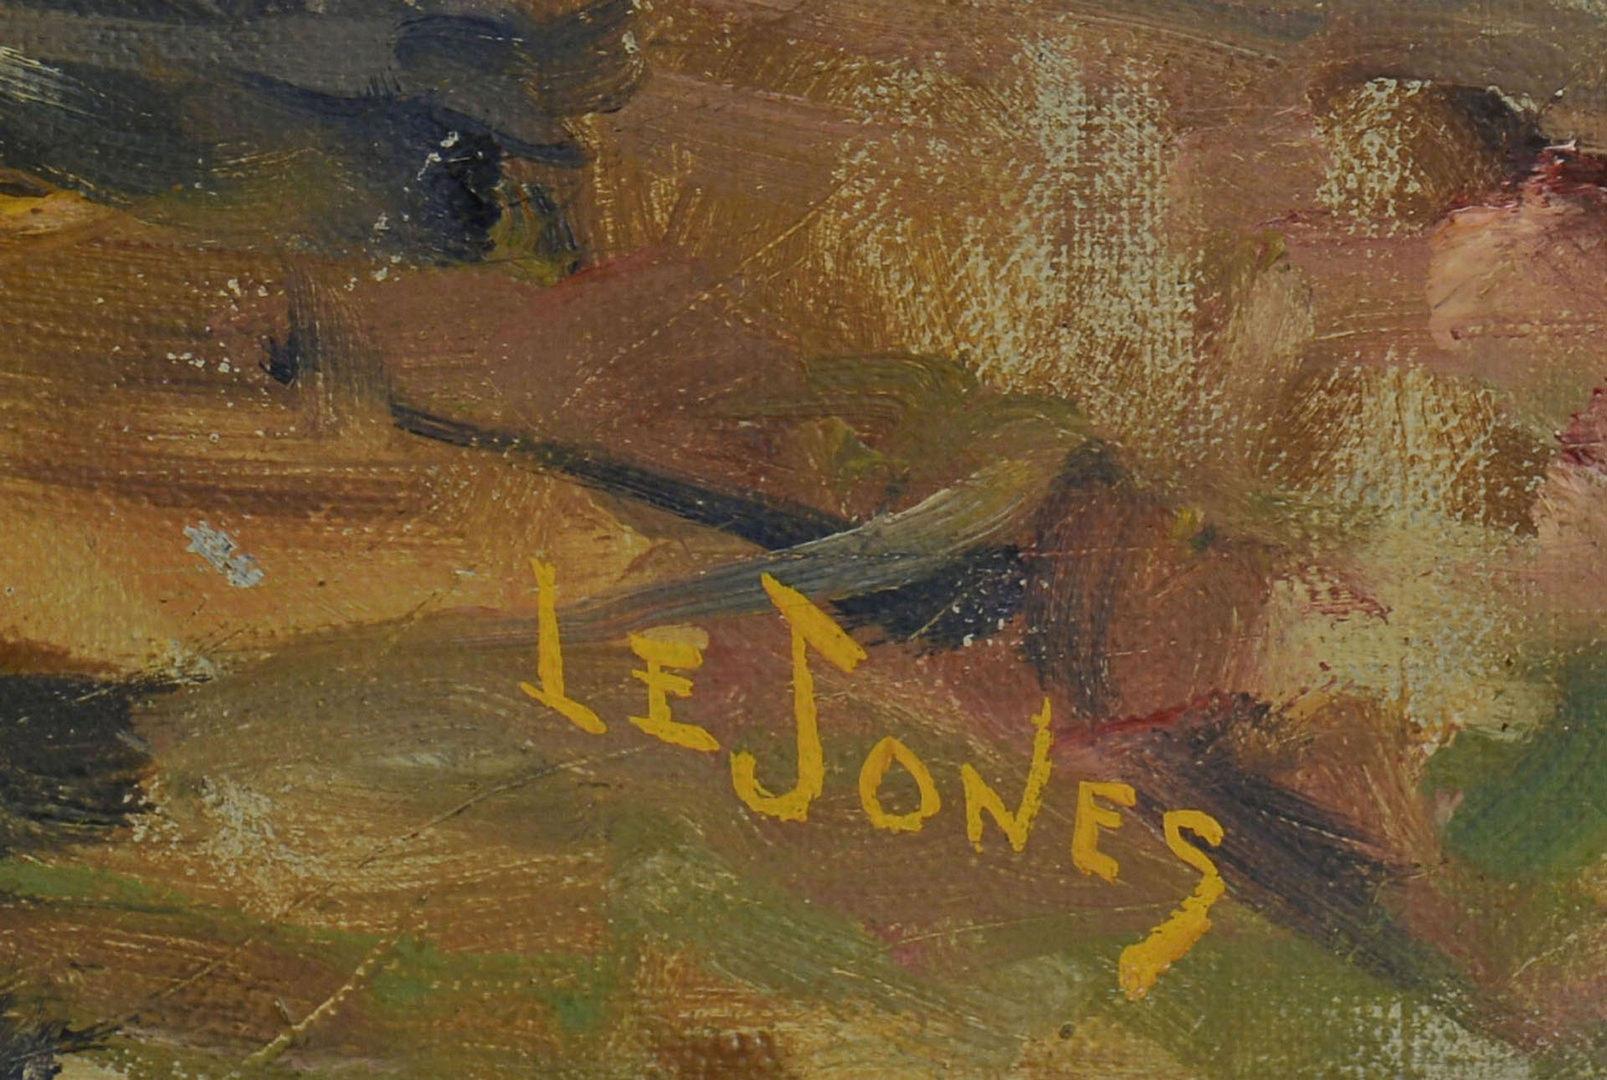 Lot 175: TN Landscape Oil on Canvas by Louis E. Jones